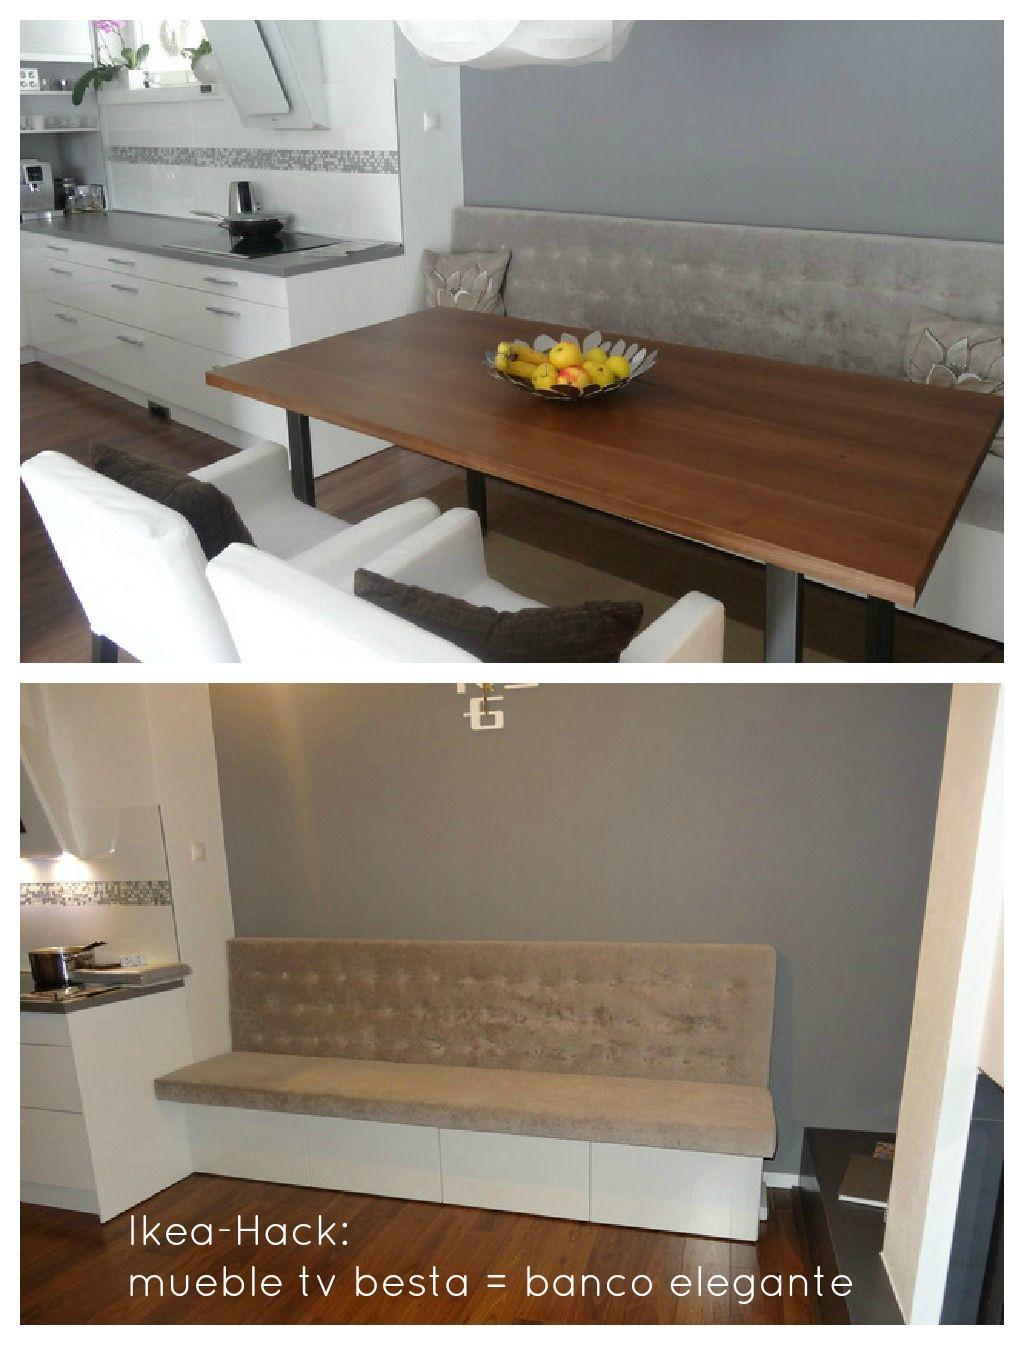 x4duros.com: Ikea-Hack: Cómo convertir un mueble de TV Besta en un ...